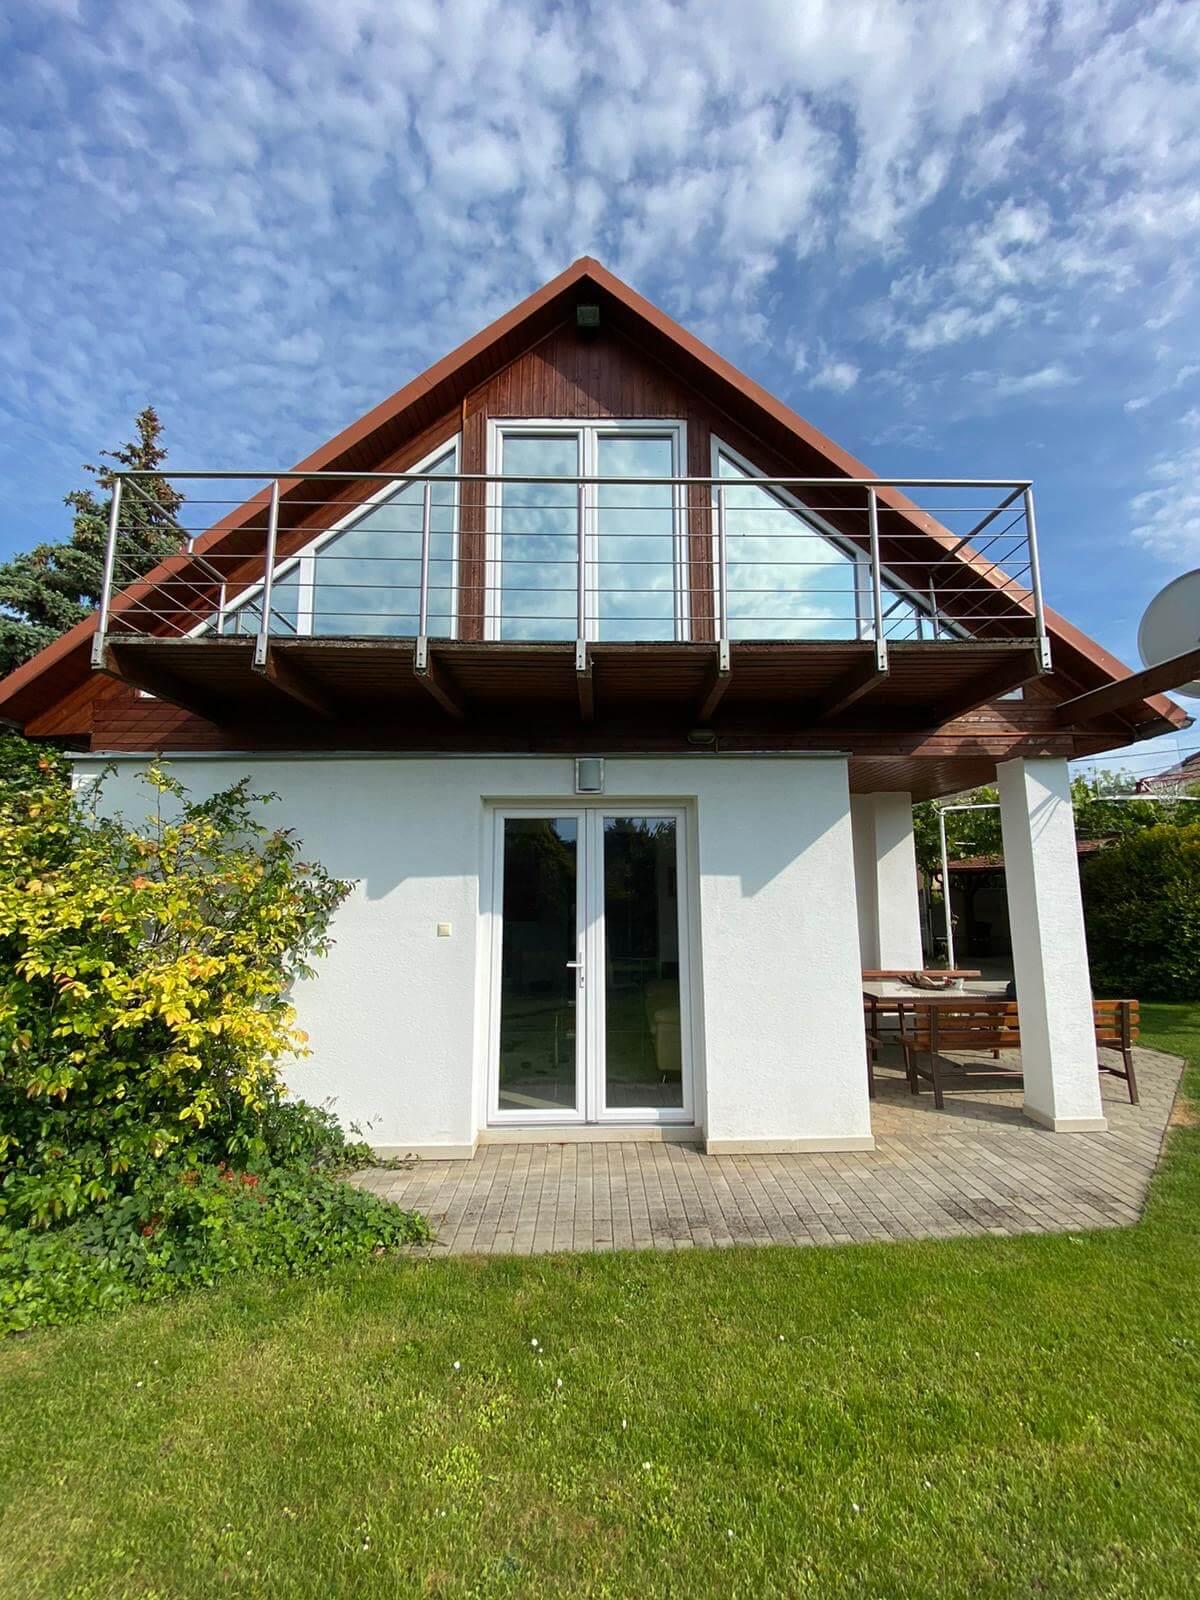 Predané: Predaj Rodinný dom v Šoporni, v tichej lokalite, pozemok 674m2, úžitková plocha 181m2,záhrada, kôlňa-25